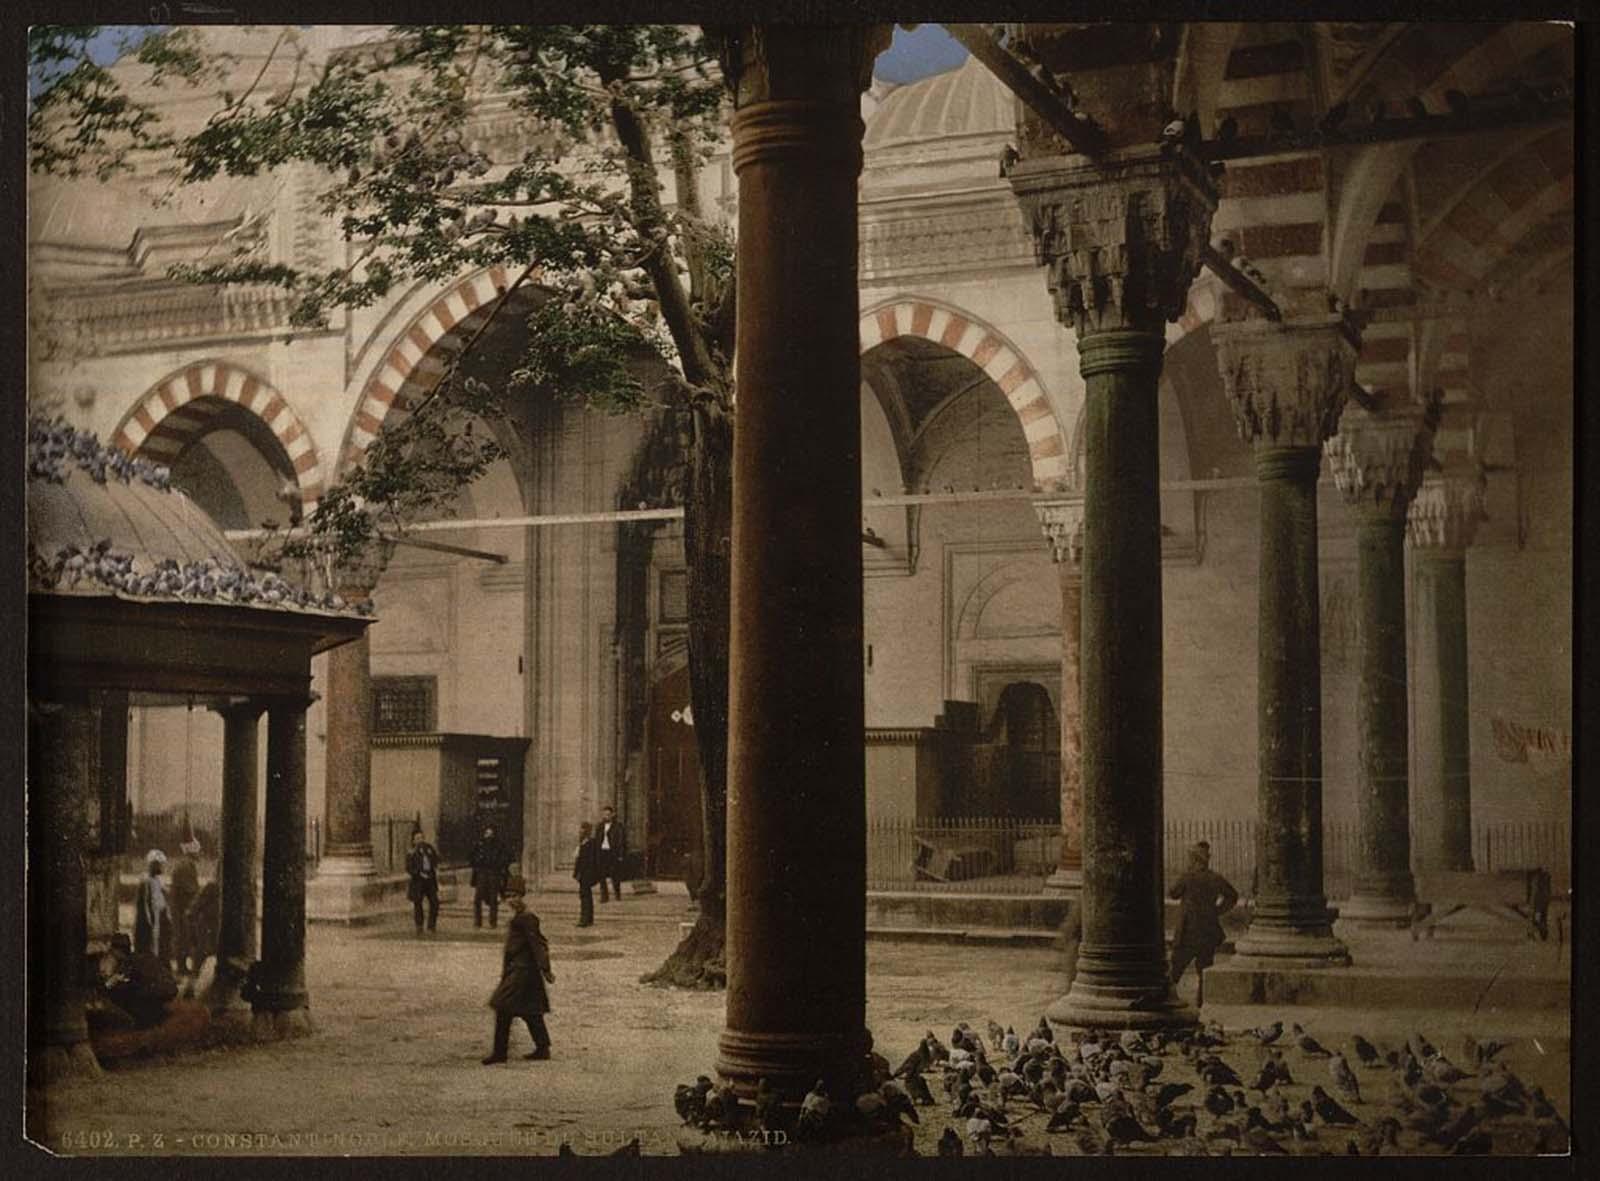 Sultan Bajazid's mosque, Constantinople.